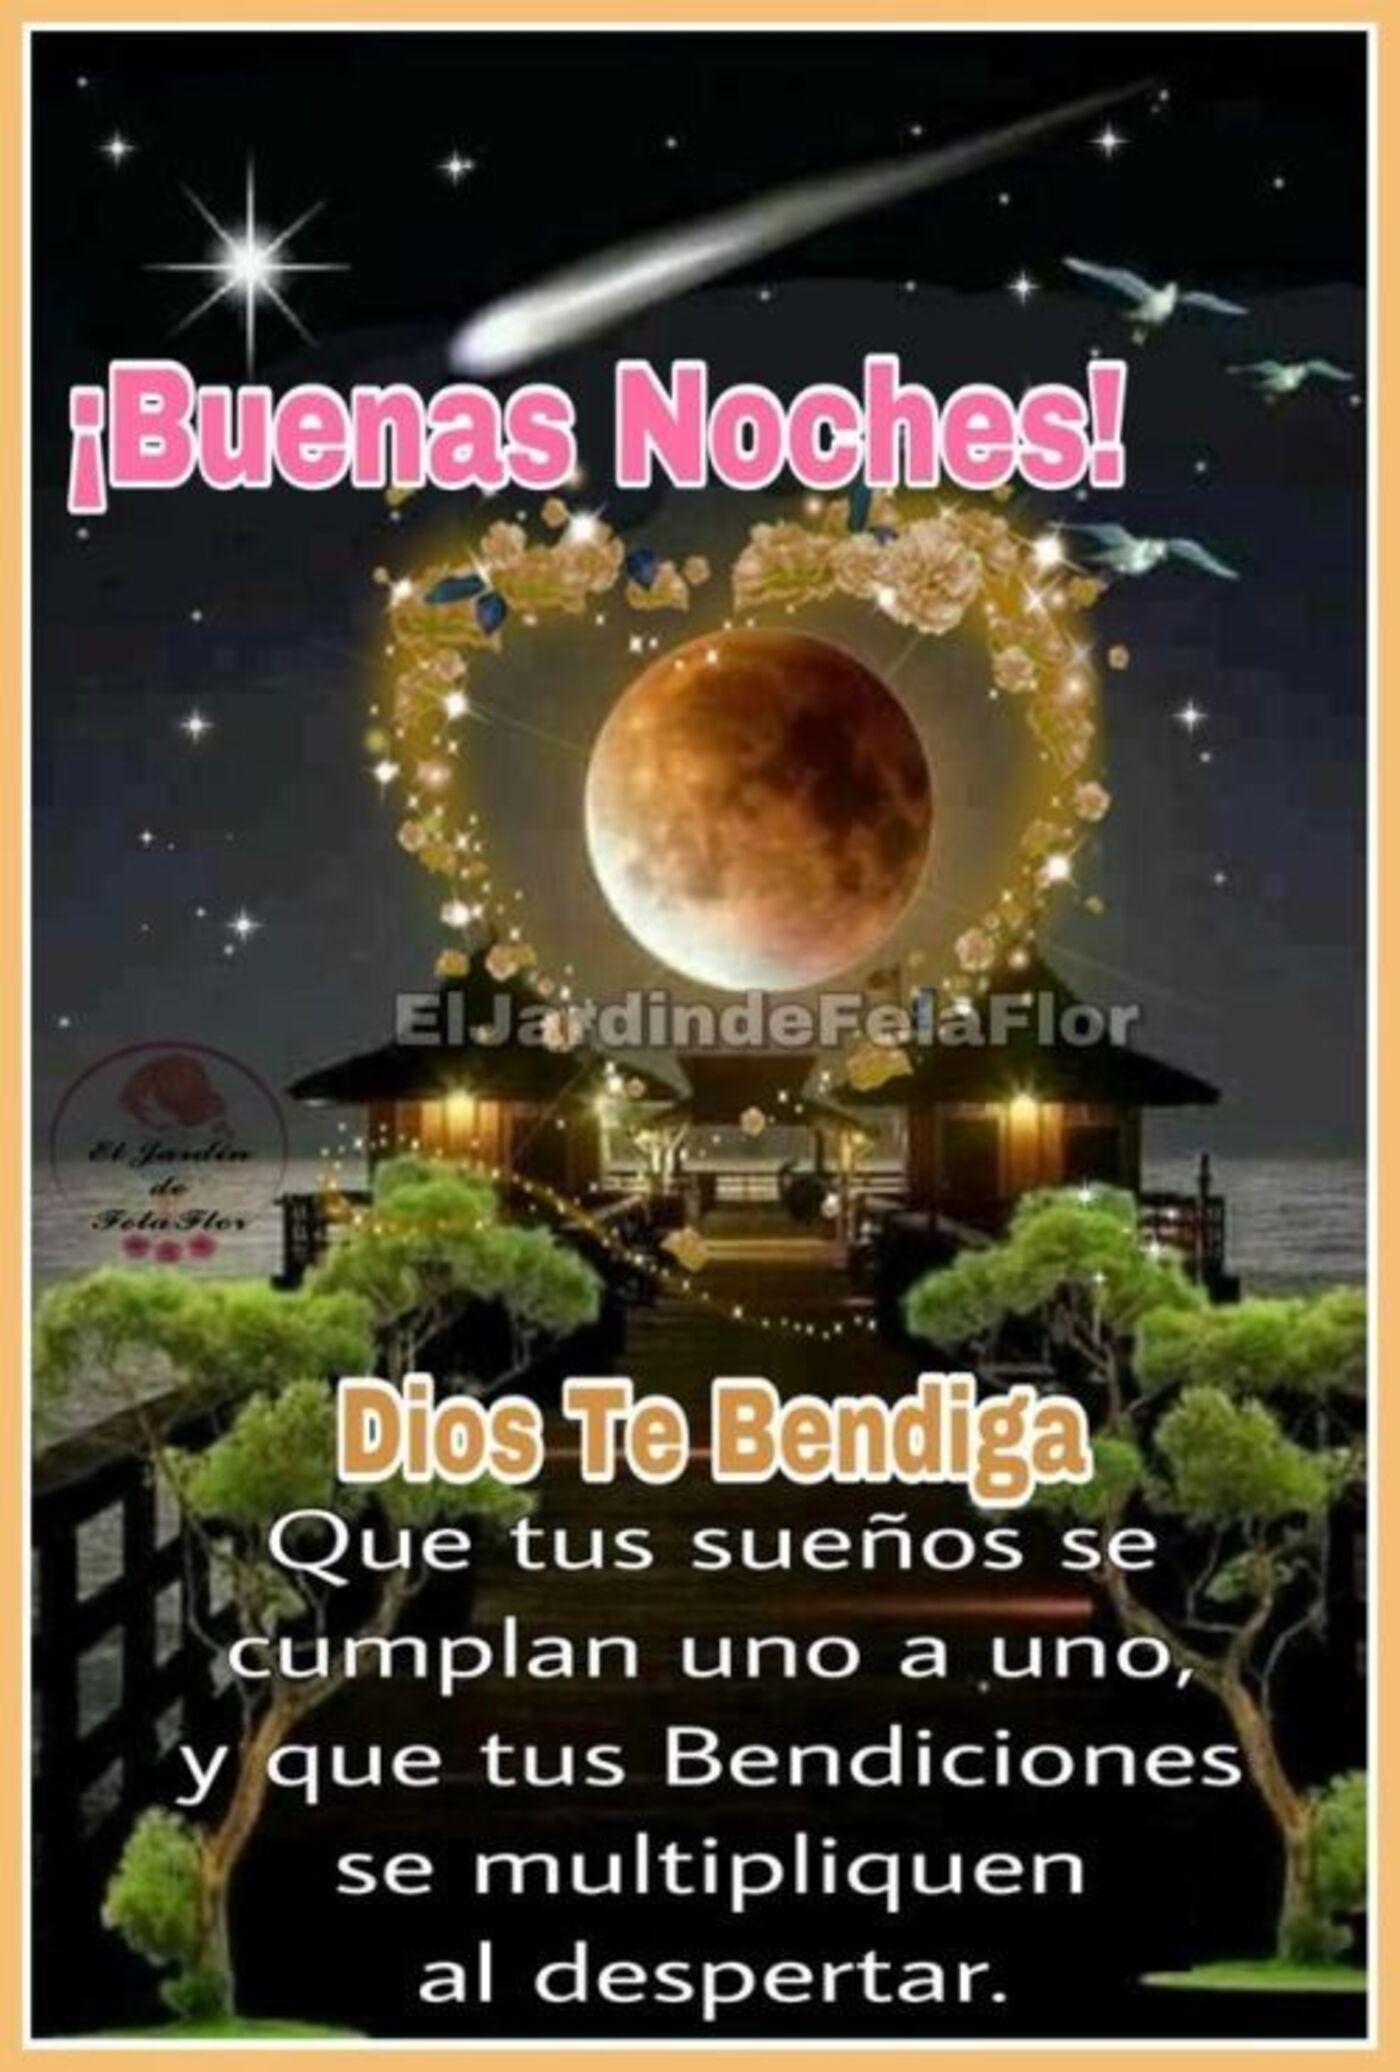 Buenas Noches! Dios te bendiga que tus sueños se cumplan uno a uno, y que tus bendiciones se multipliquen al despertar